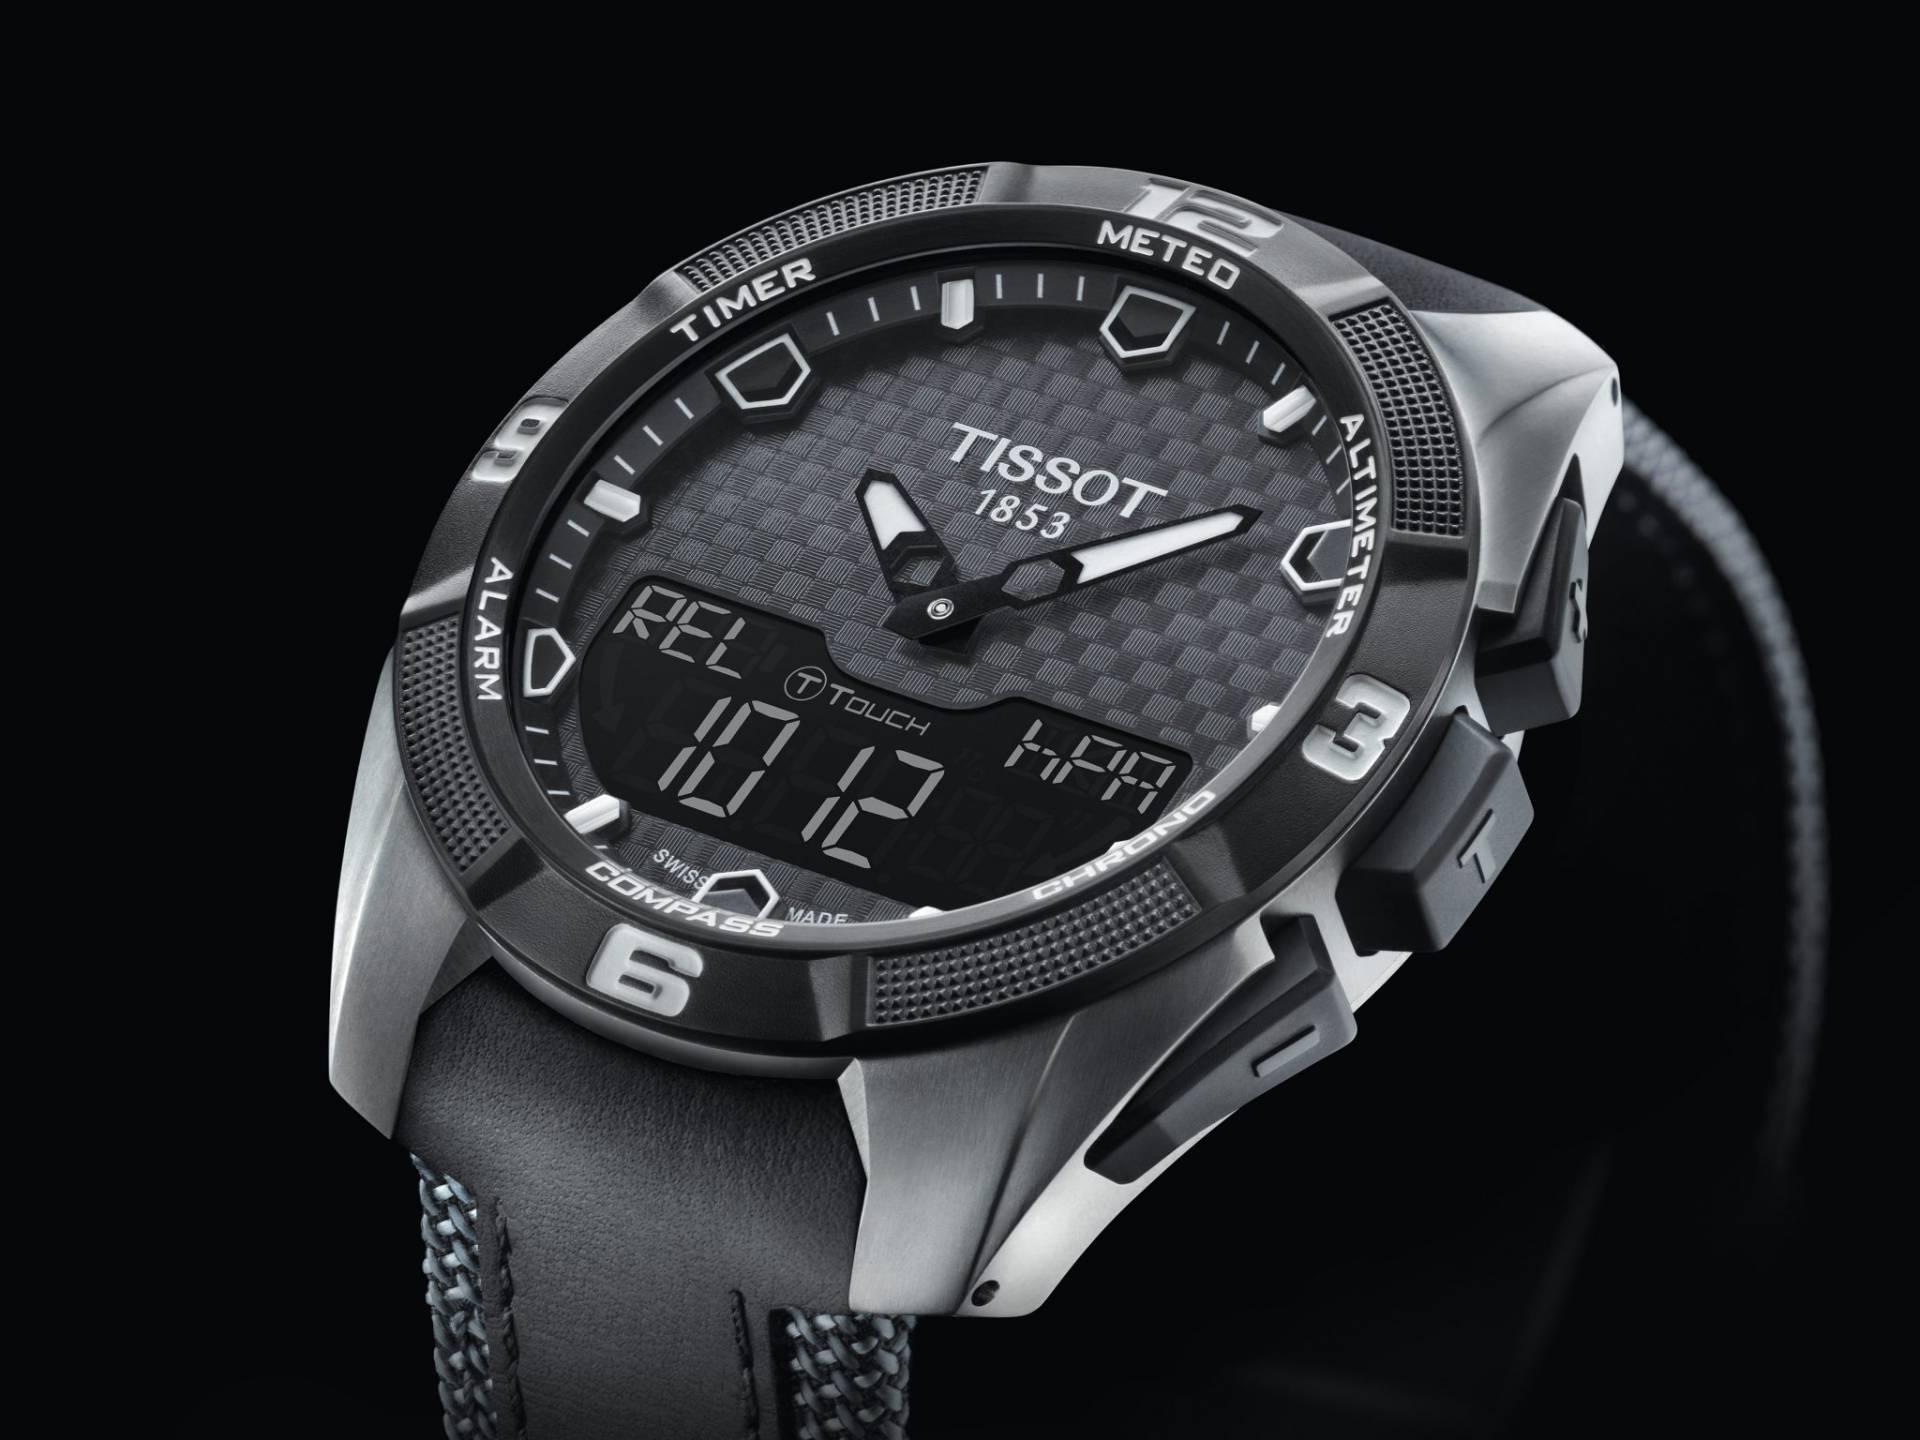 economico per lo sconto 9b74c 208d2 Migliori orologi Tissot eleganti: guida e consigli per gli ...